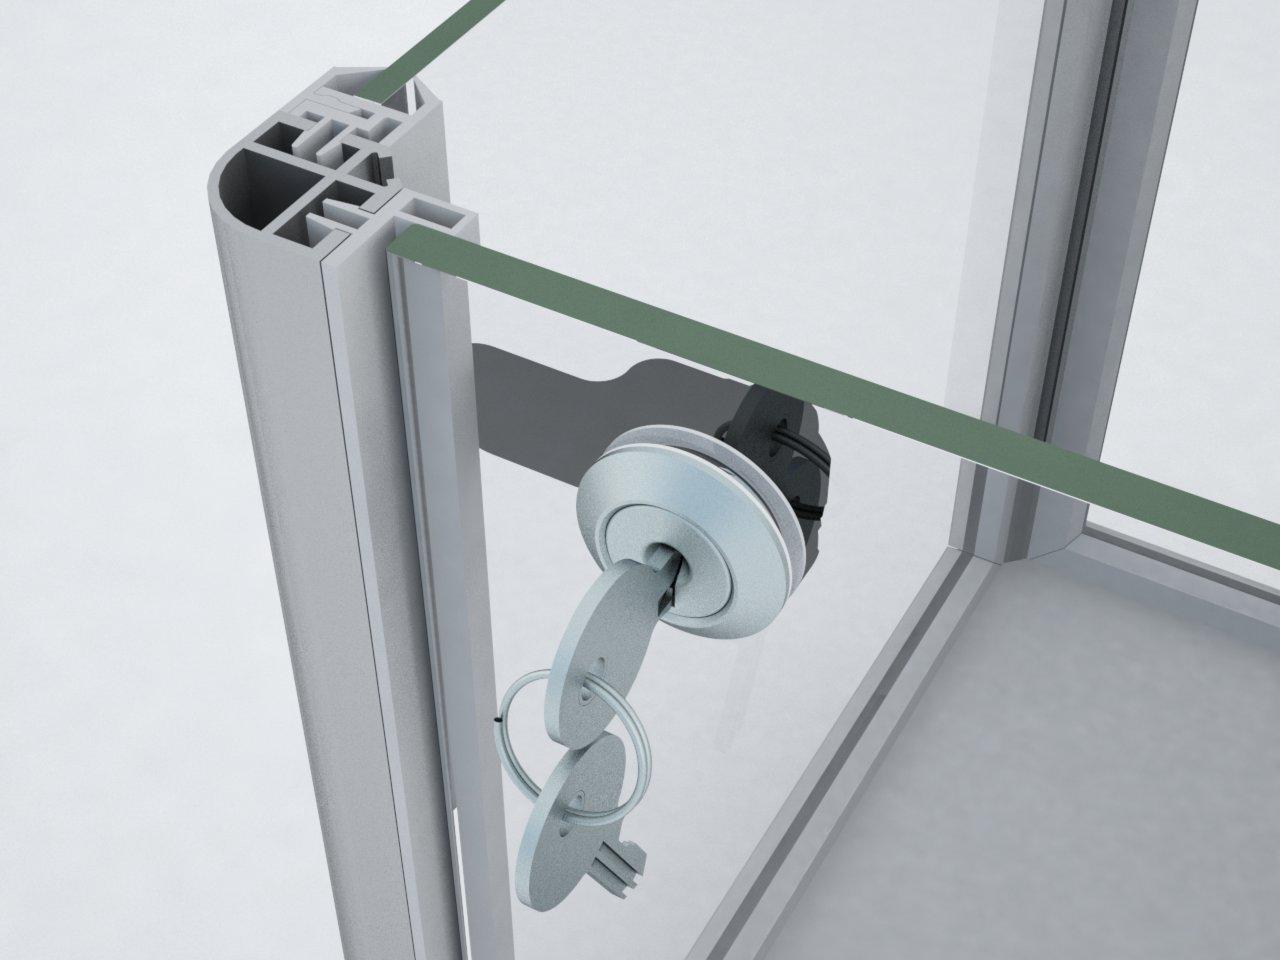 Batente fixado ao perfil C100 para fechamento de porta com a fechadura P140